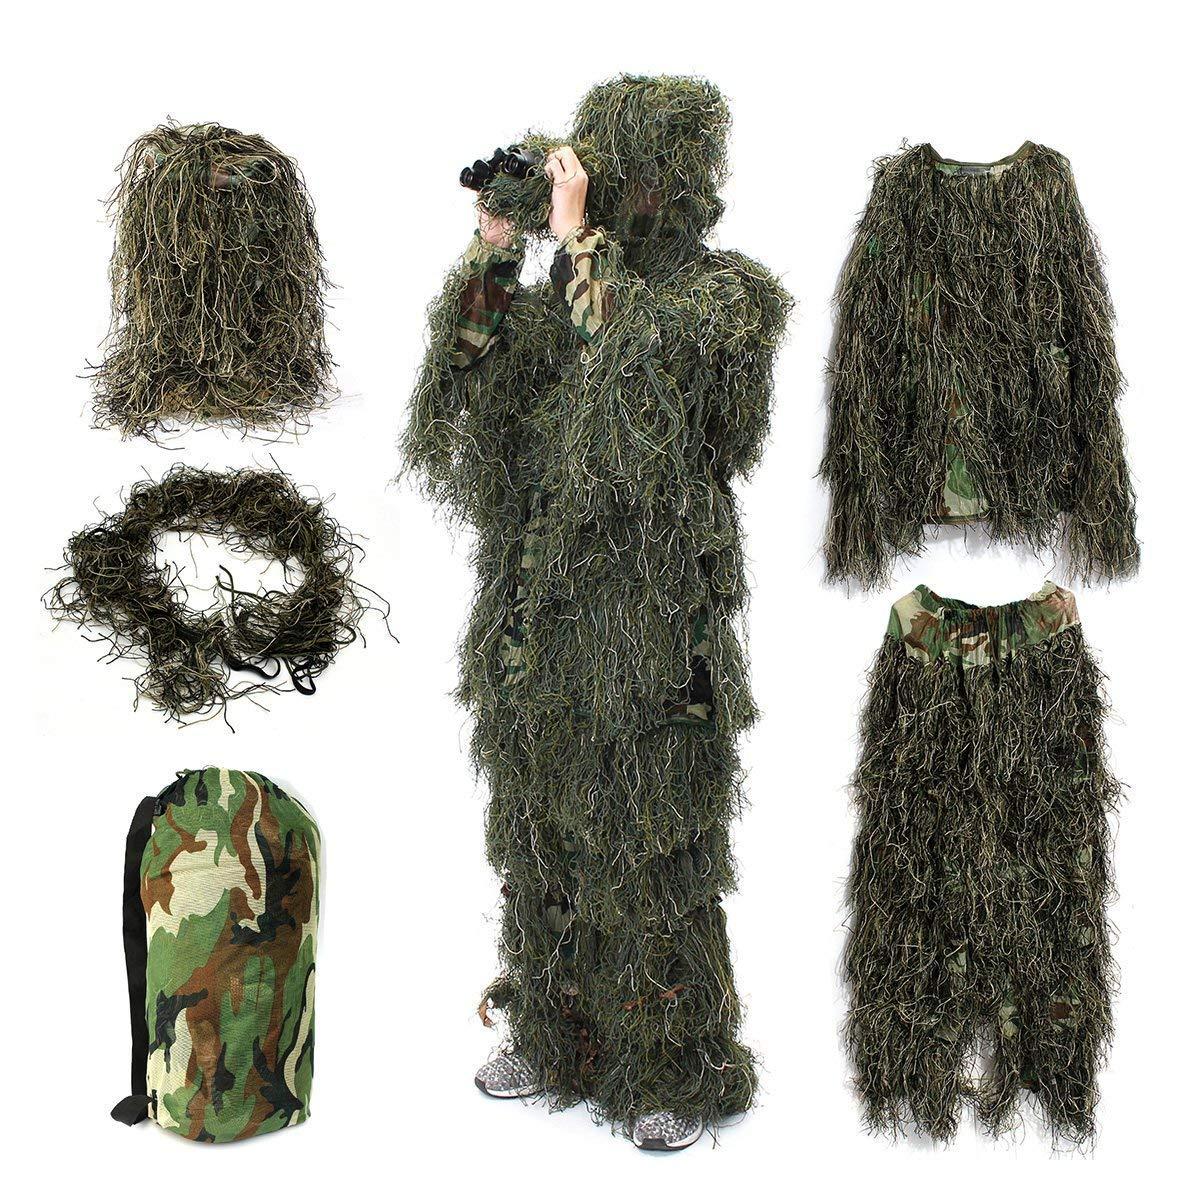 HaoFst Uniforme de Camouflage pour Enfants Ghillie Suit Camo Woodland For/êt Camouflage Chasse 4 Piece Sac